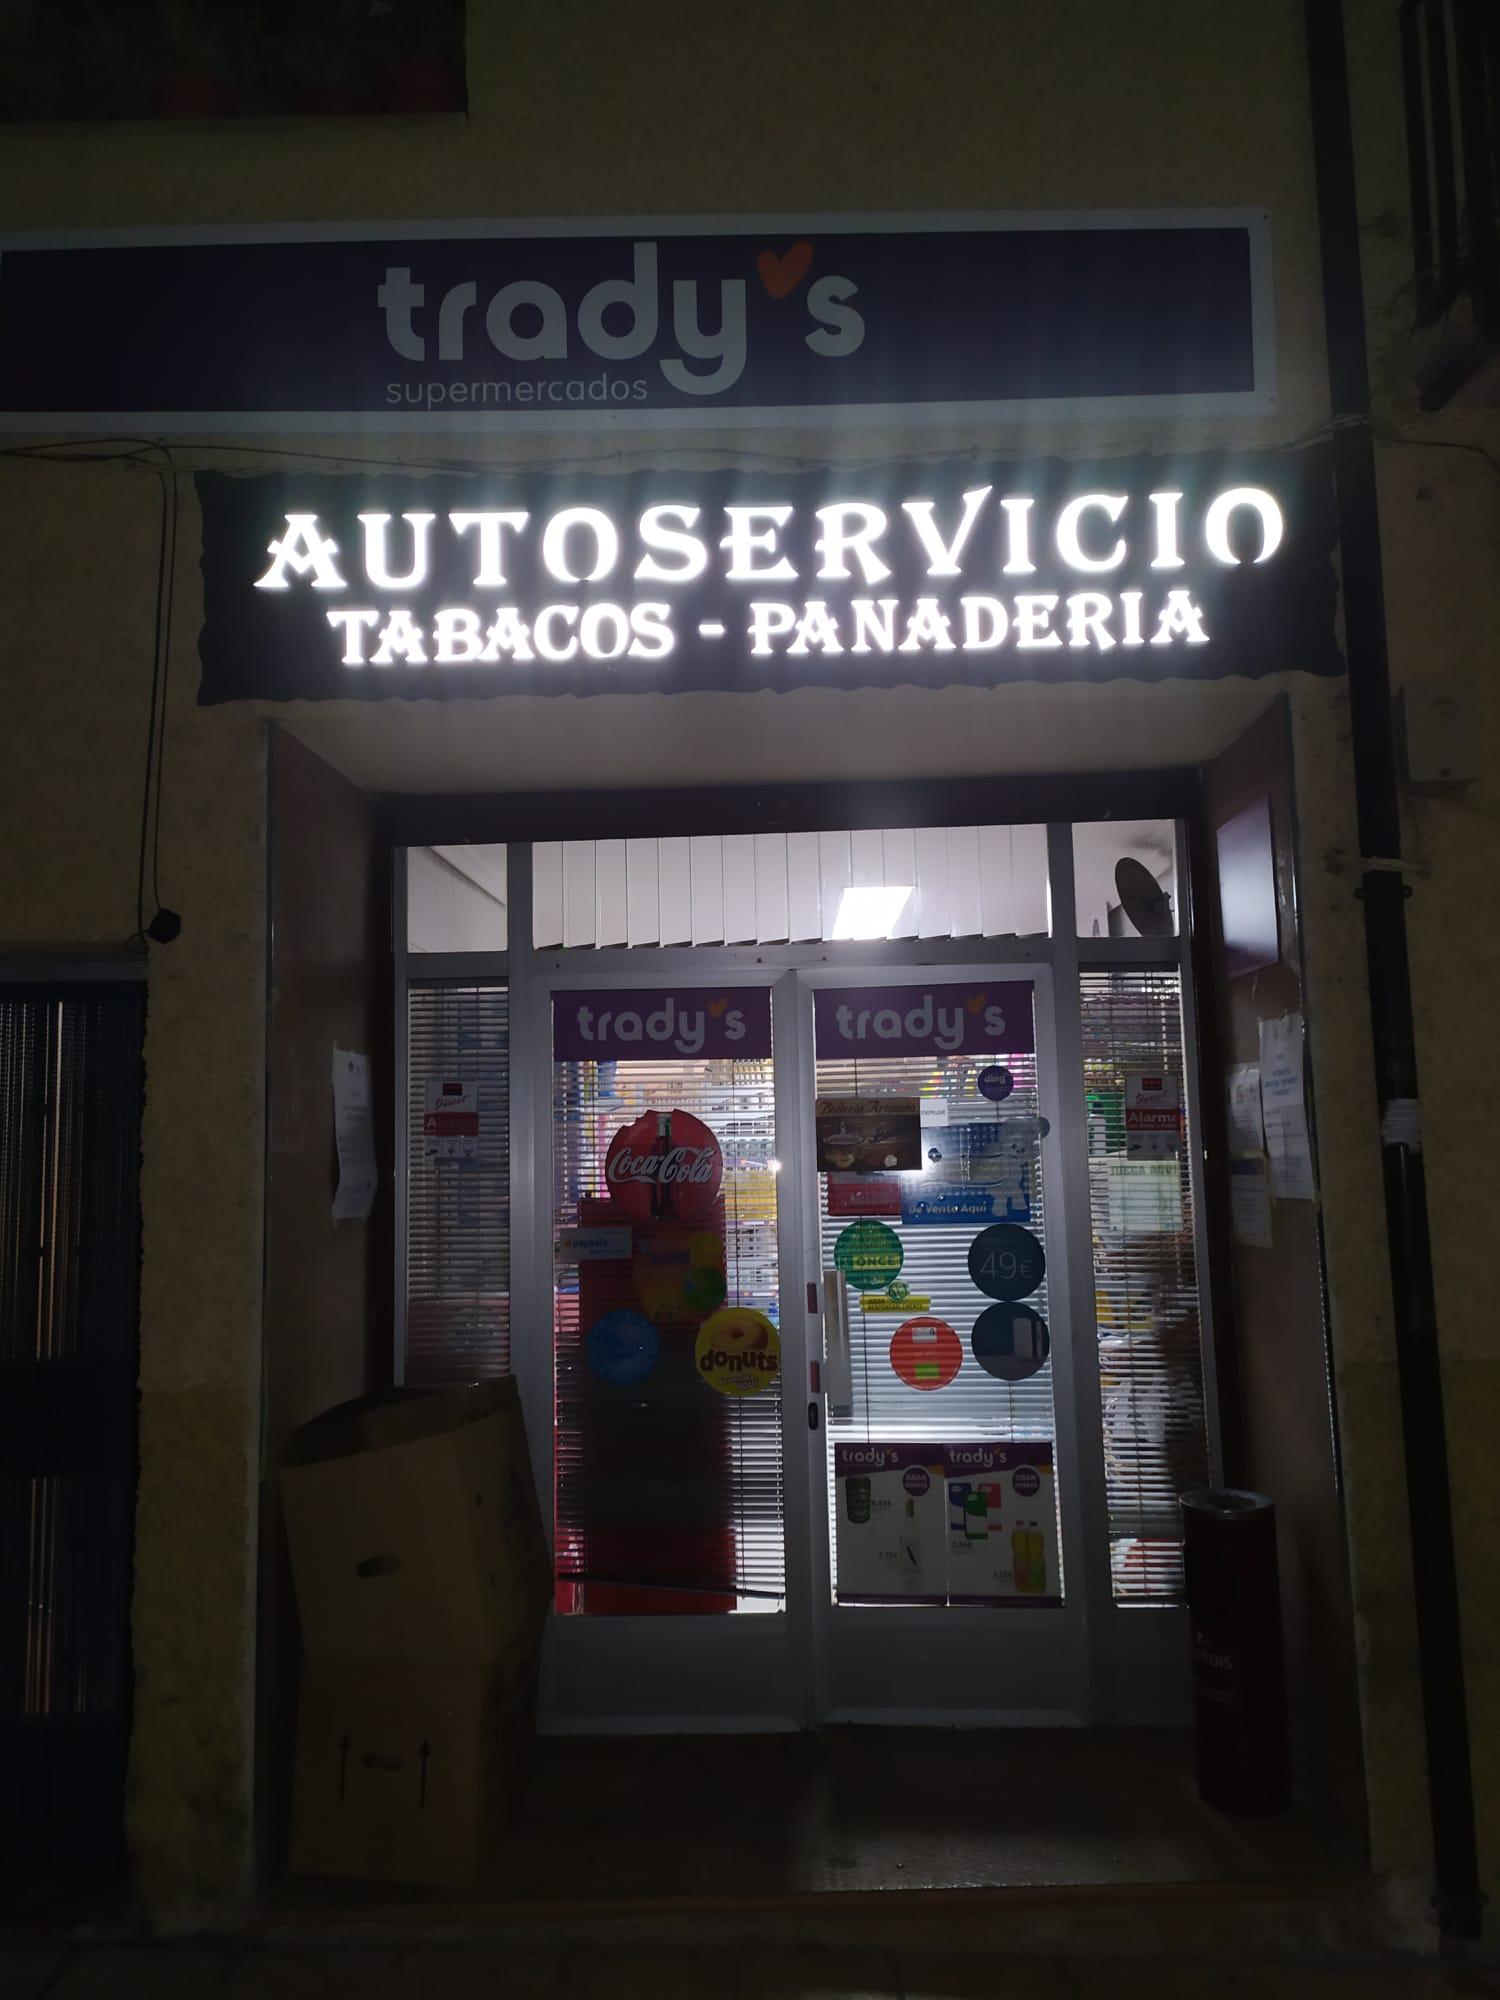 Trady's